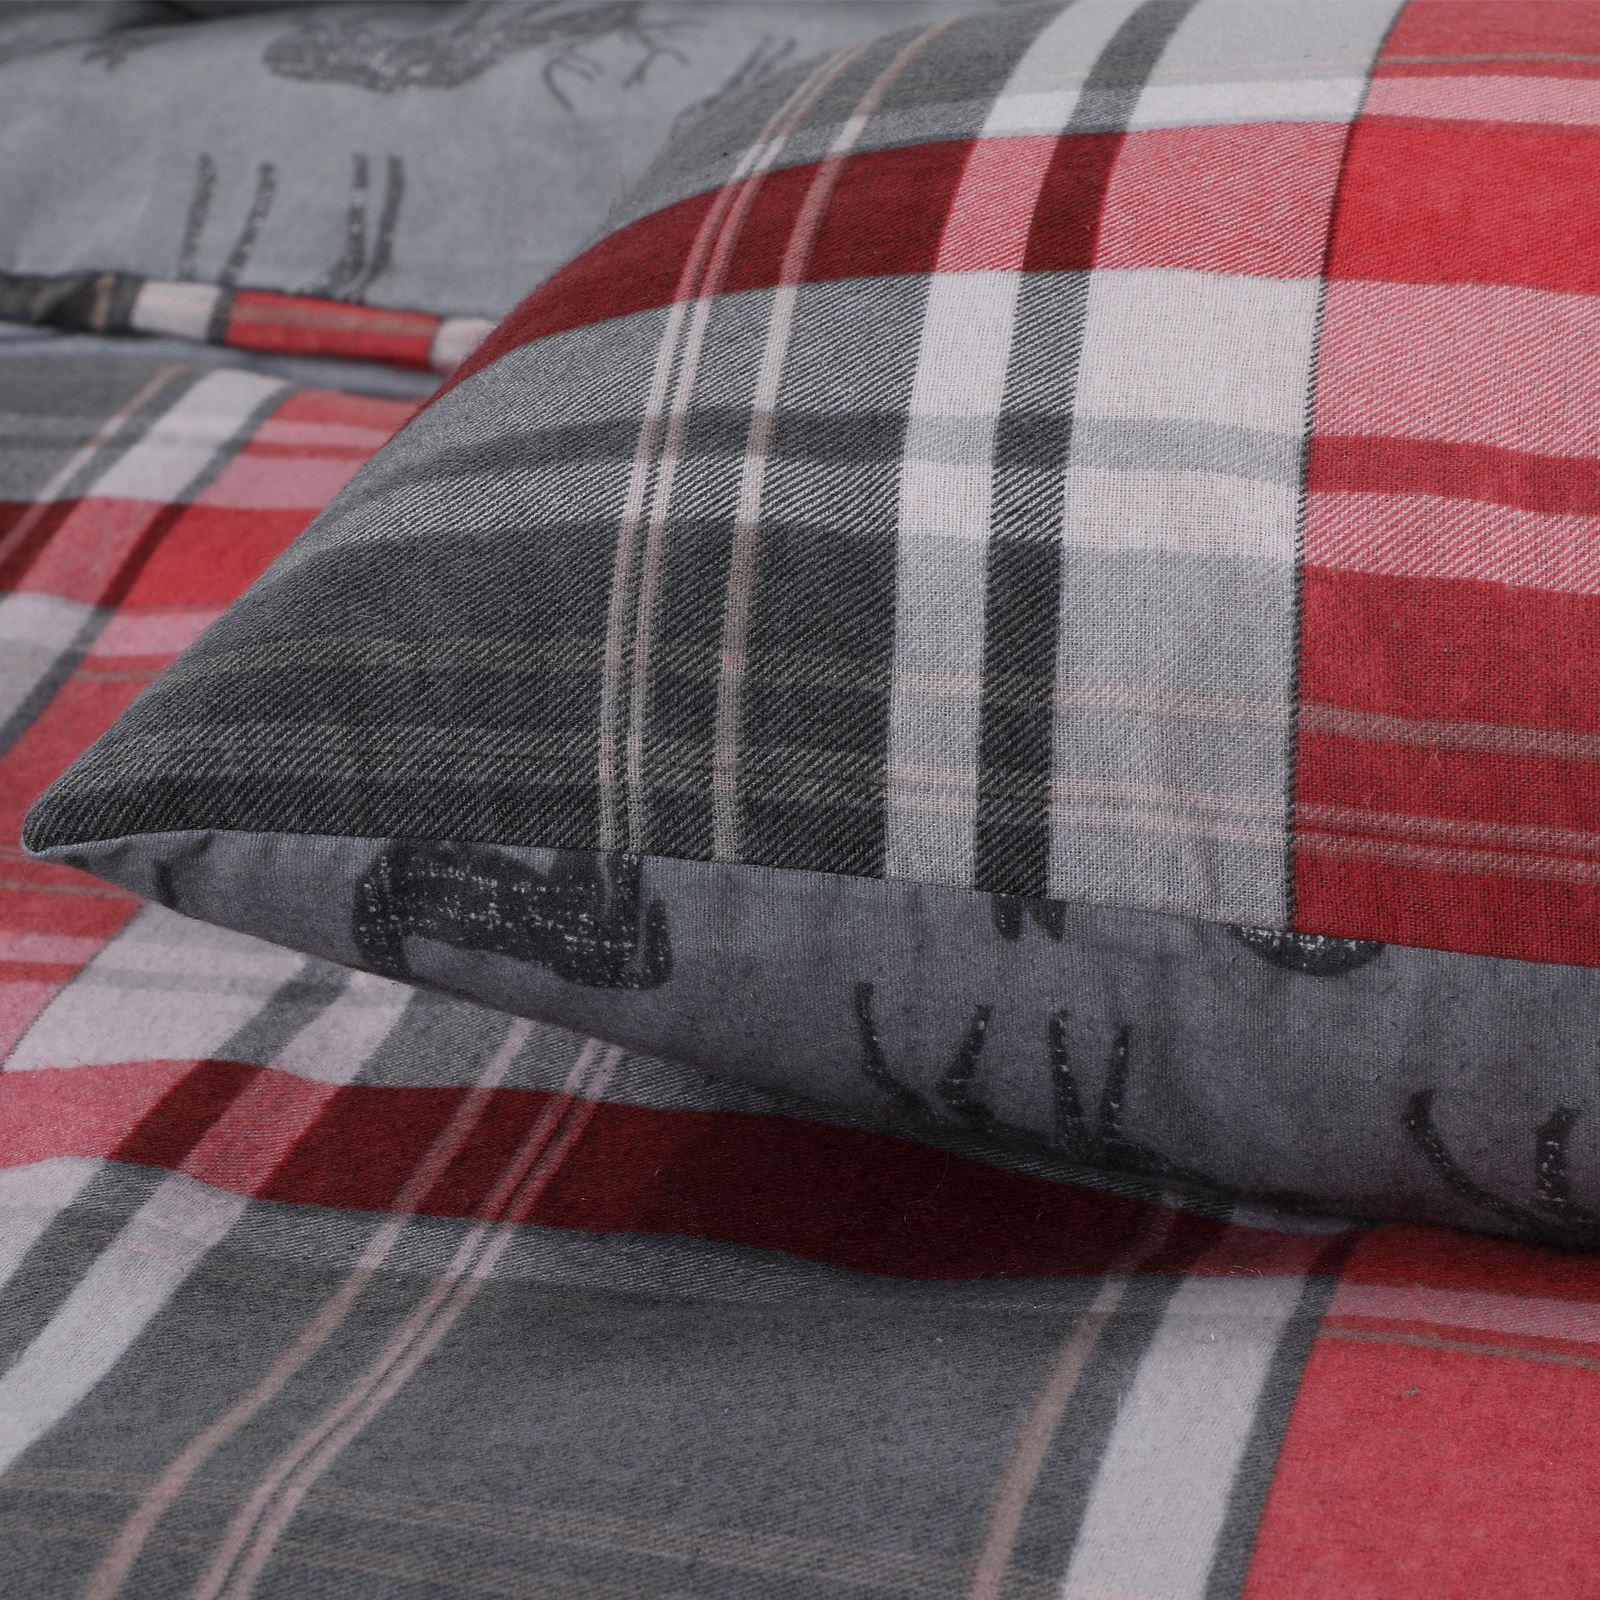 Tartan-100-Brushed-Cotton-Duvet-Cover-Flannelette-Check-Quilt-Set-Bed-Linen-Set thumbnail 11